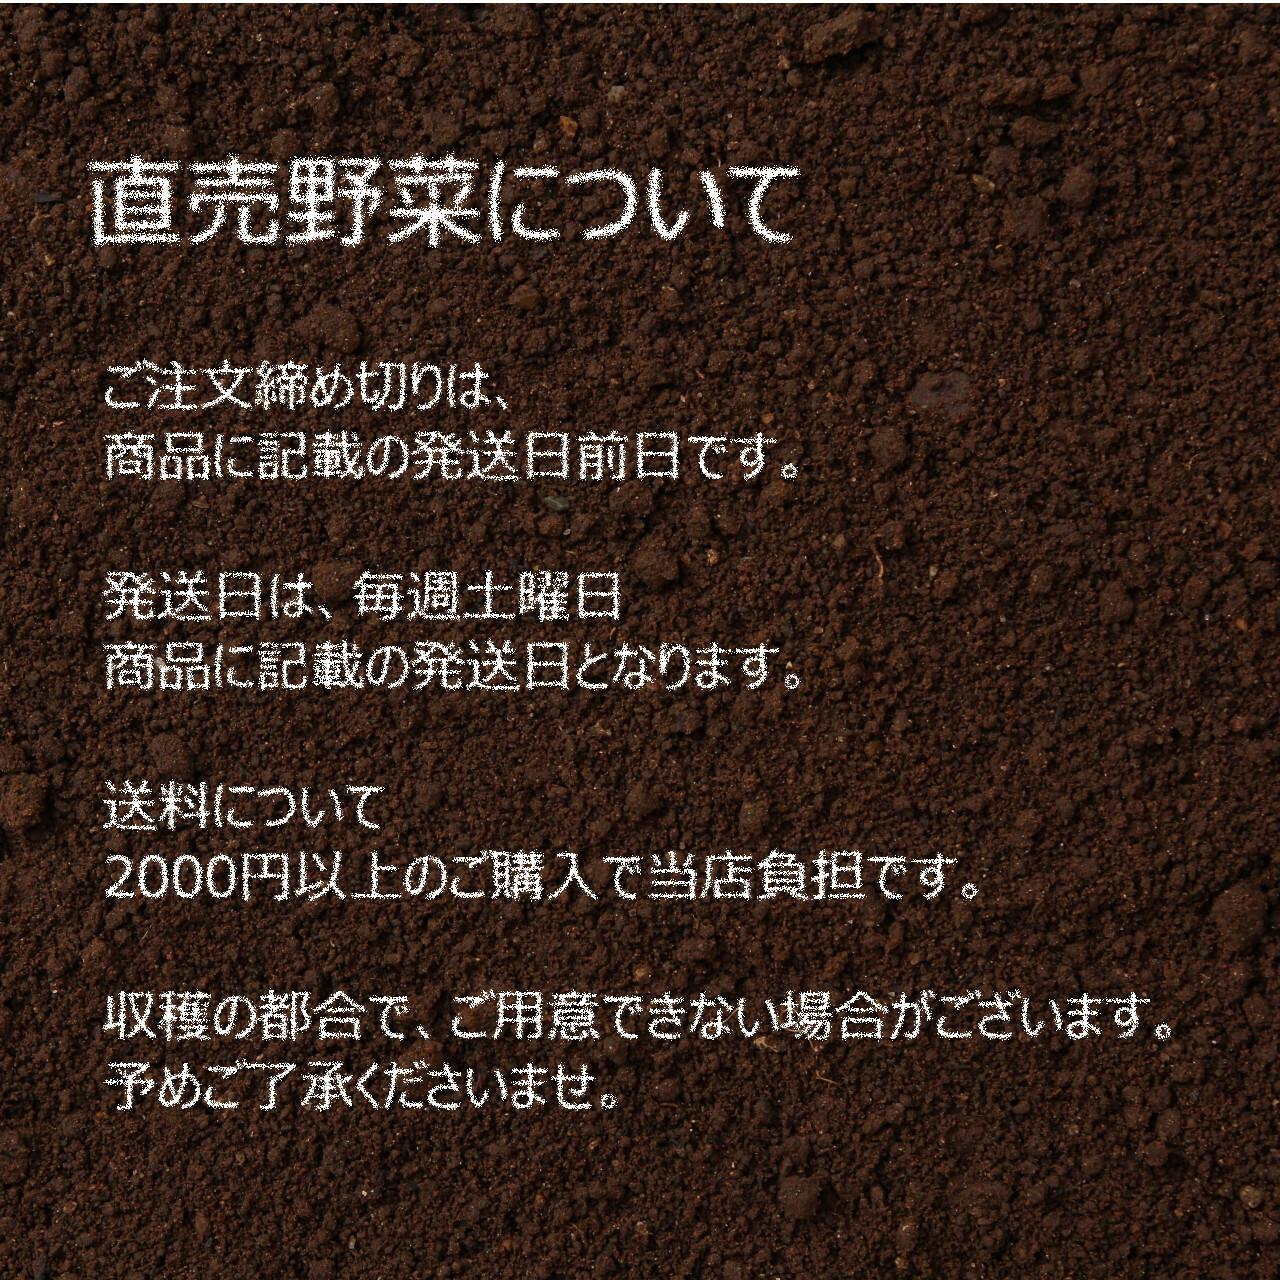 6月朝採り直売野菜 : ネギ 3~4本  6月1日発送予定